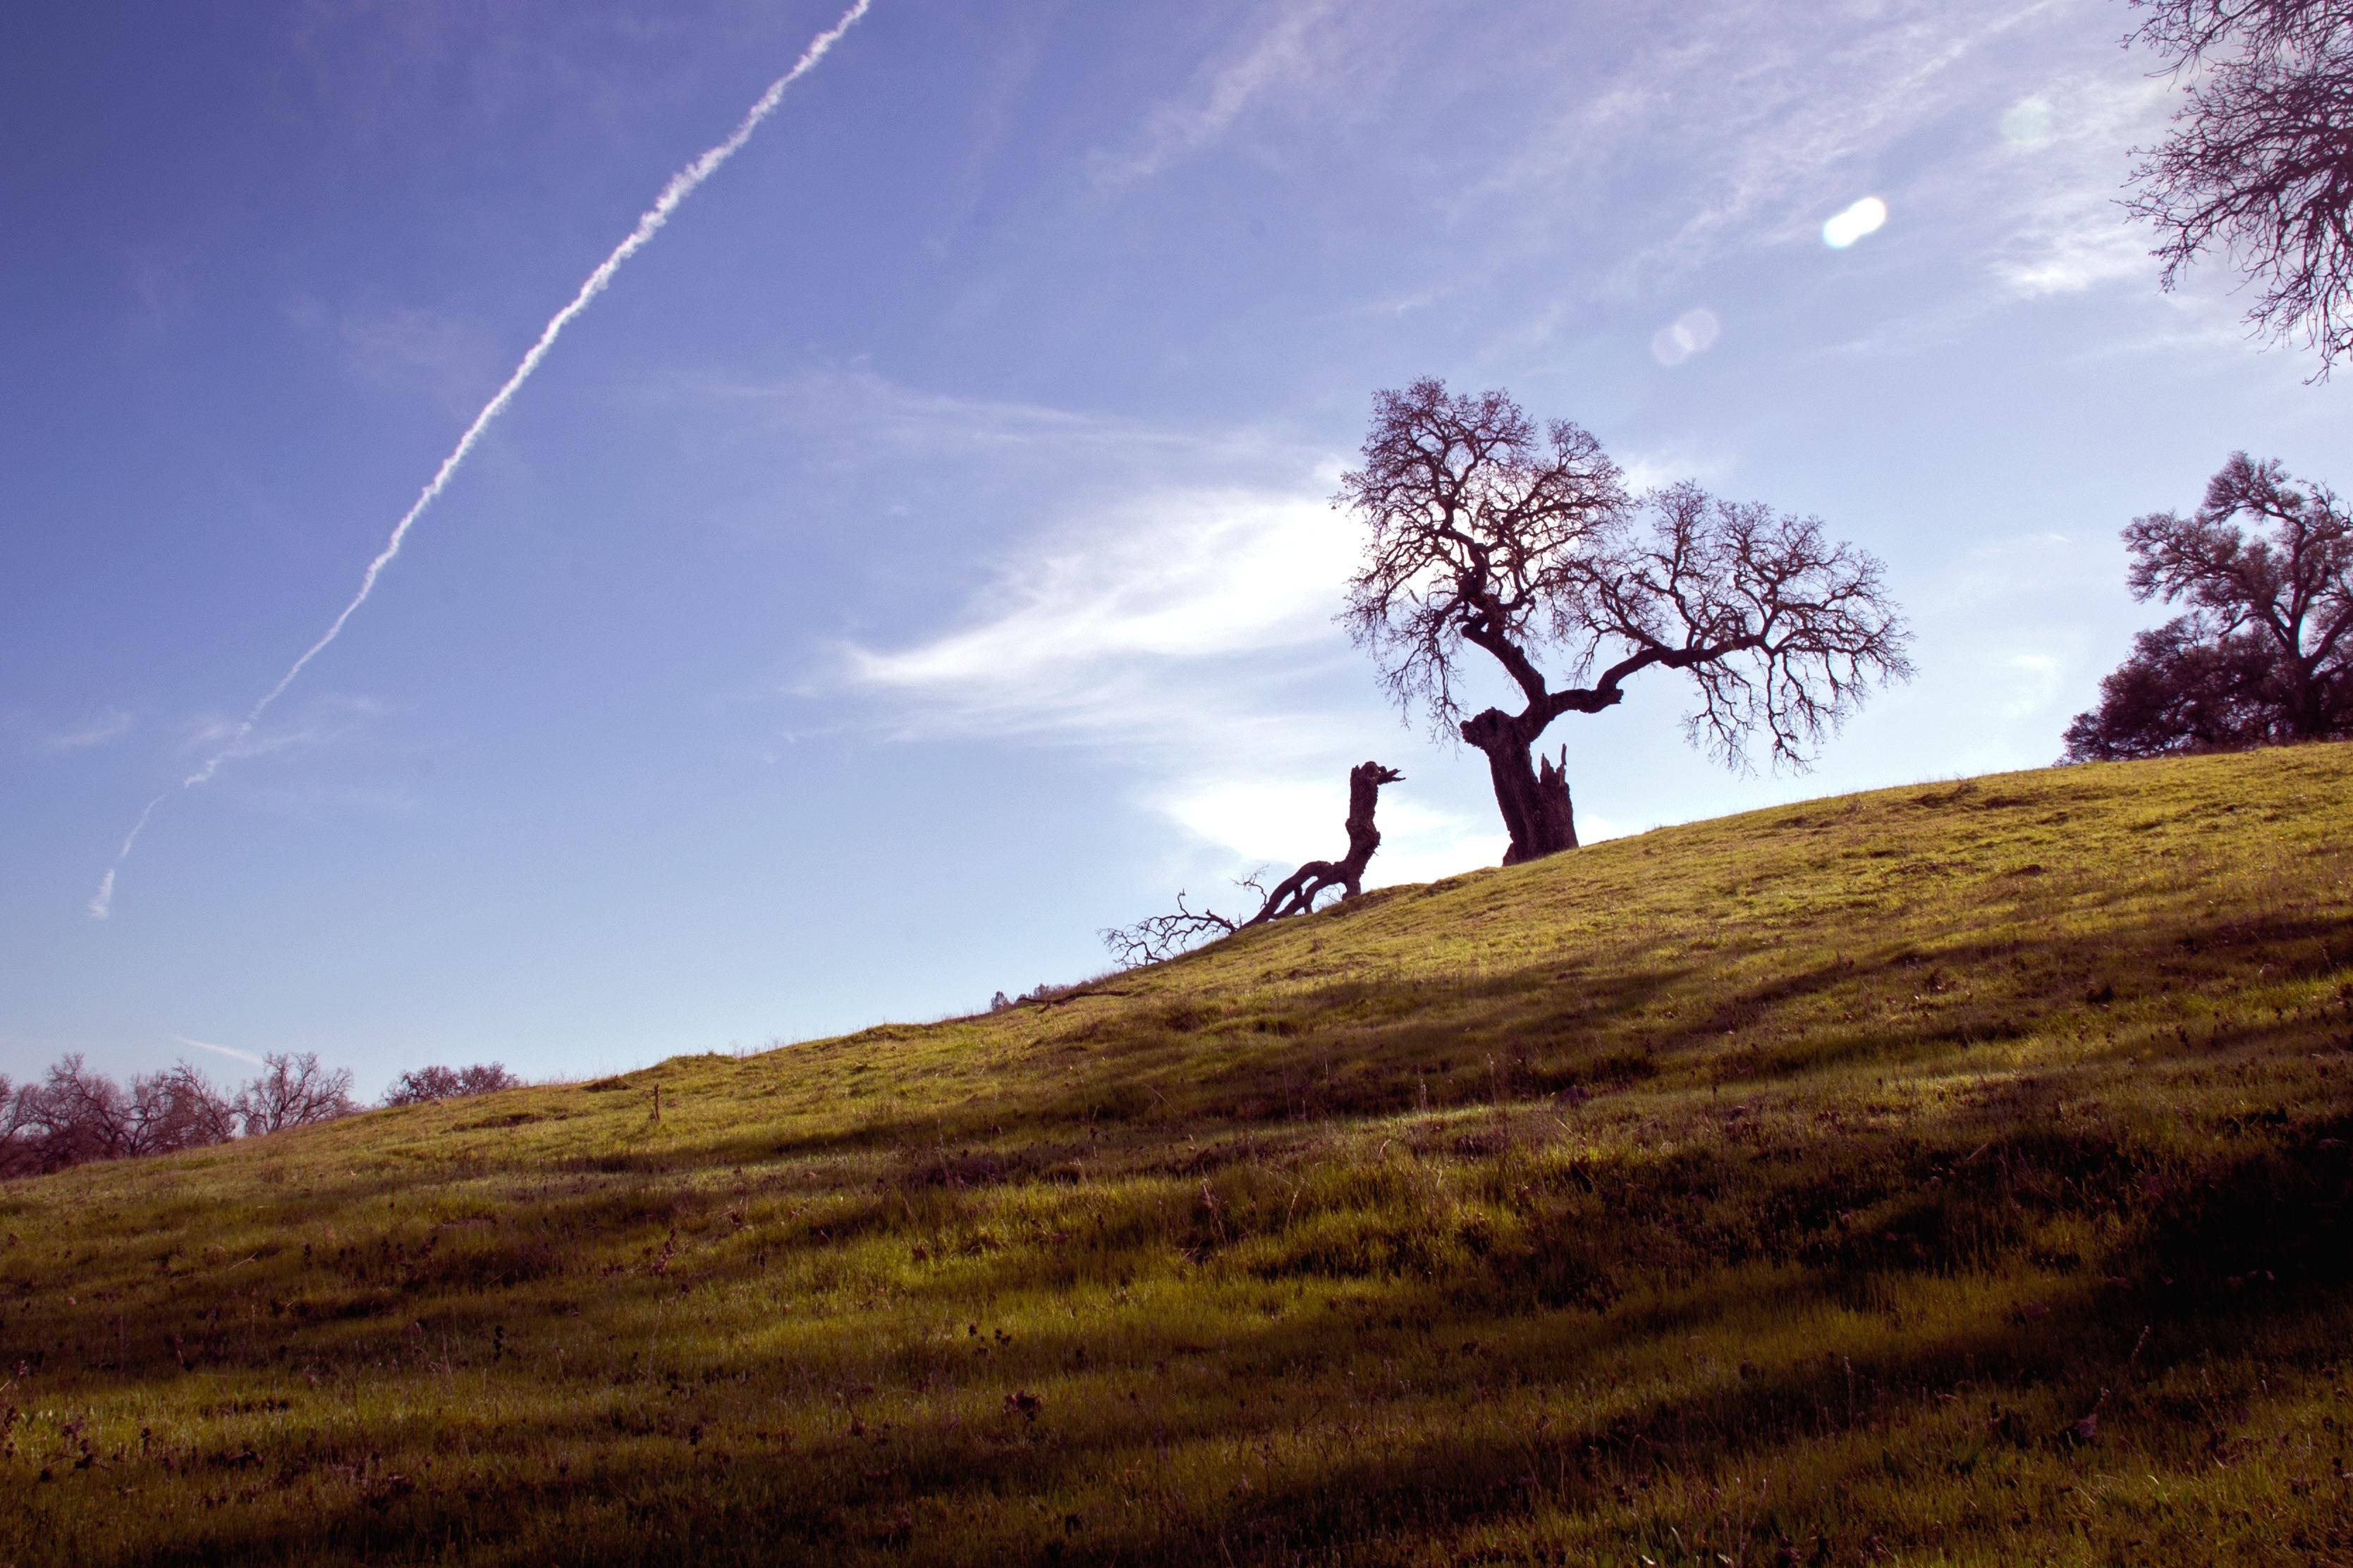 картинки дерево на холме дипломе актера